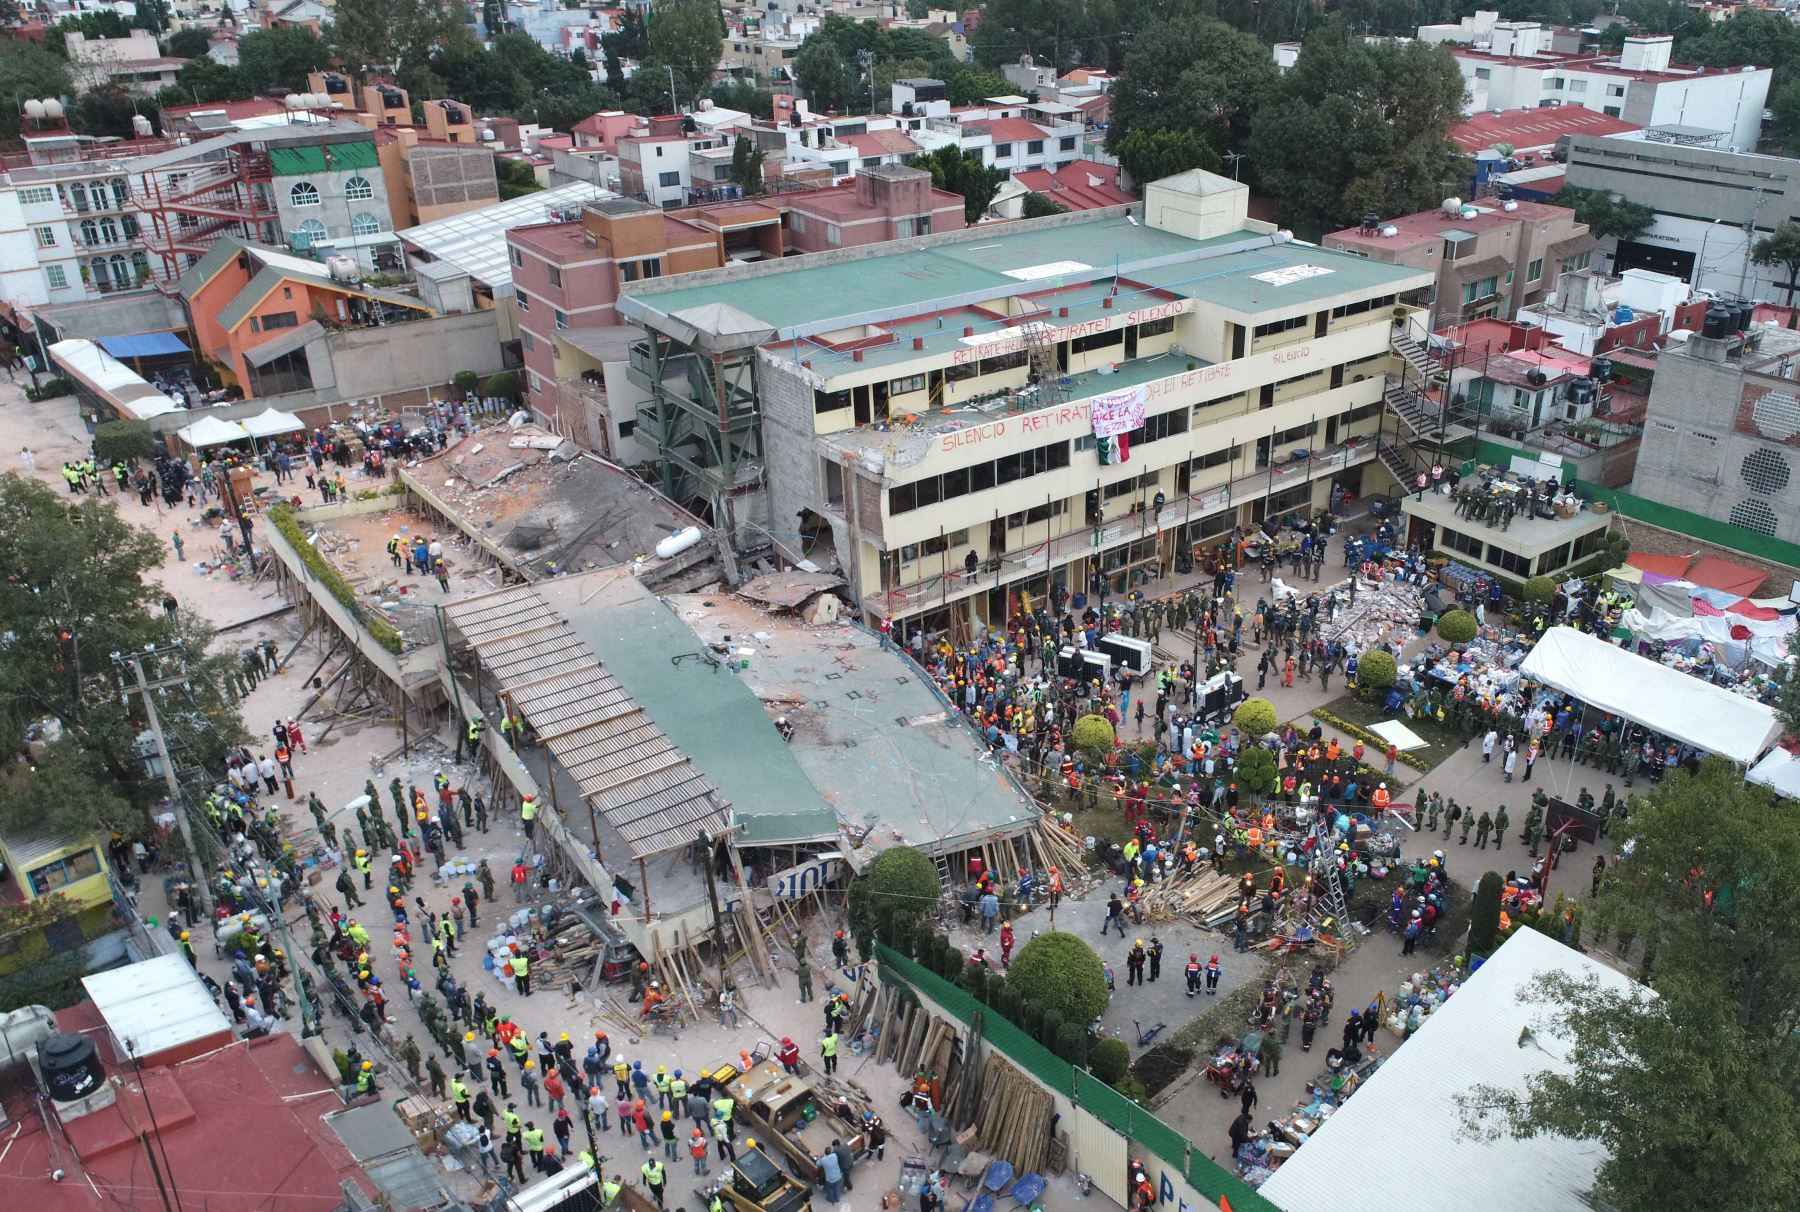 Equipos de rescate buscan a personas atrapadas en los escombros en la escuela primaria Enrique Rebsamen en la Ciudad de México. Foto: AFP